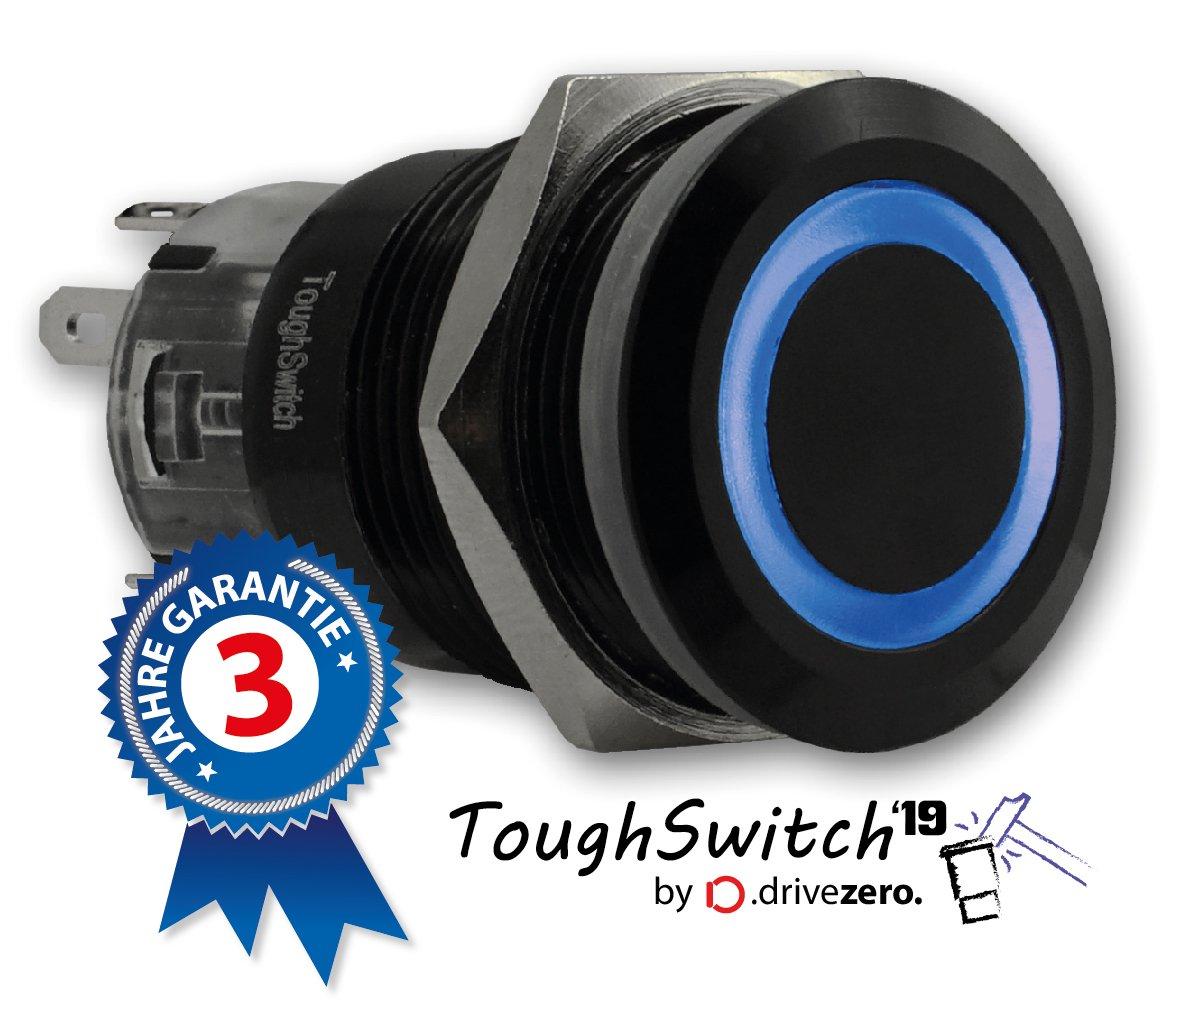 .drivezero staub- und wasserdicht Taster schwarz mit LED-Leuchtring Rot 12V ToughSwitch 19 bis 230V // 5A IP67